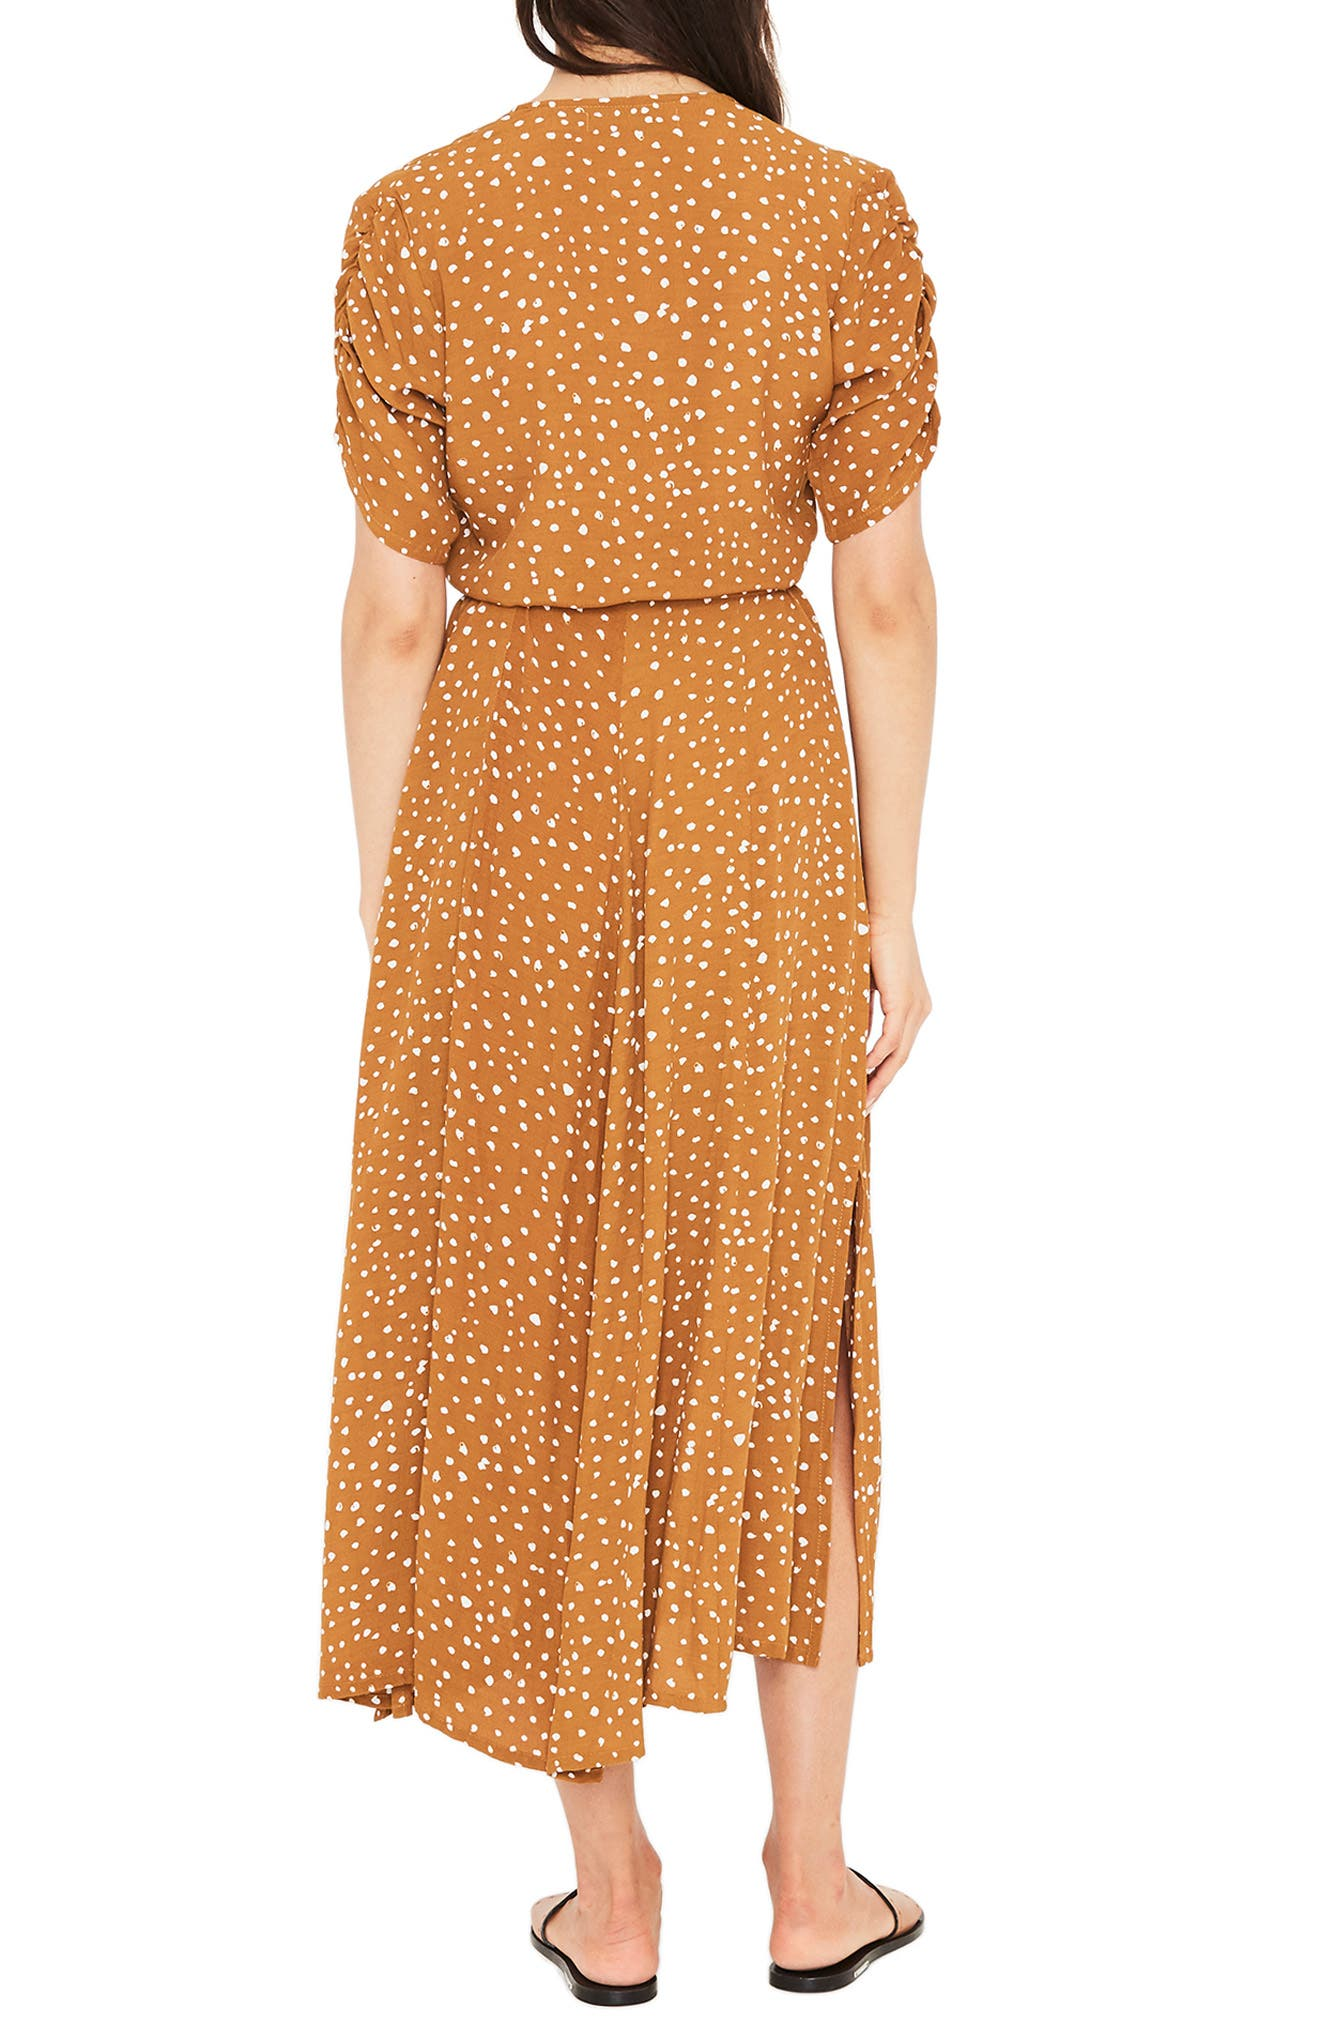 Chiara Dot Print Wrap Dress,                             Alternate thumbnail 2, color,                             700